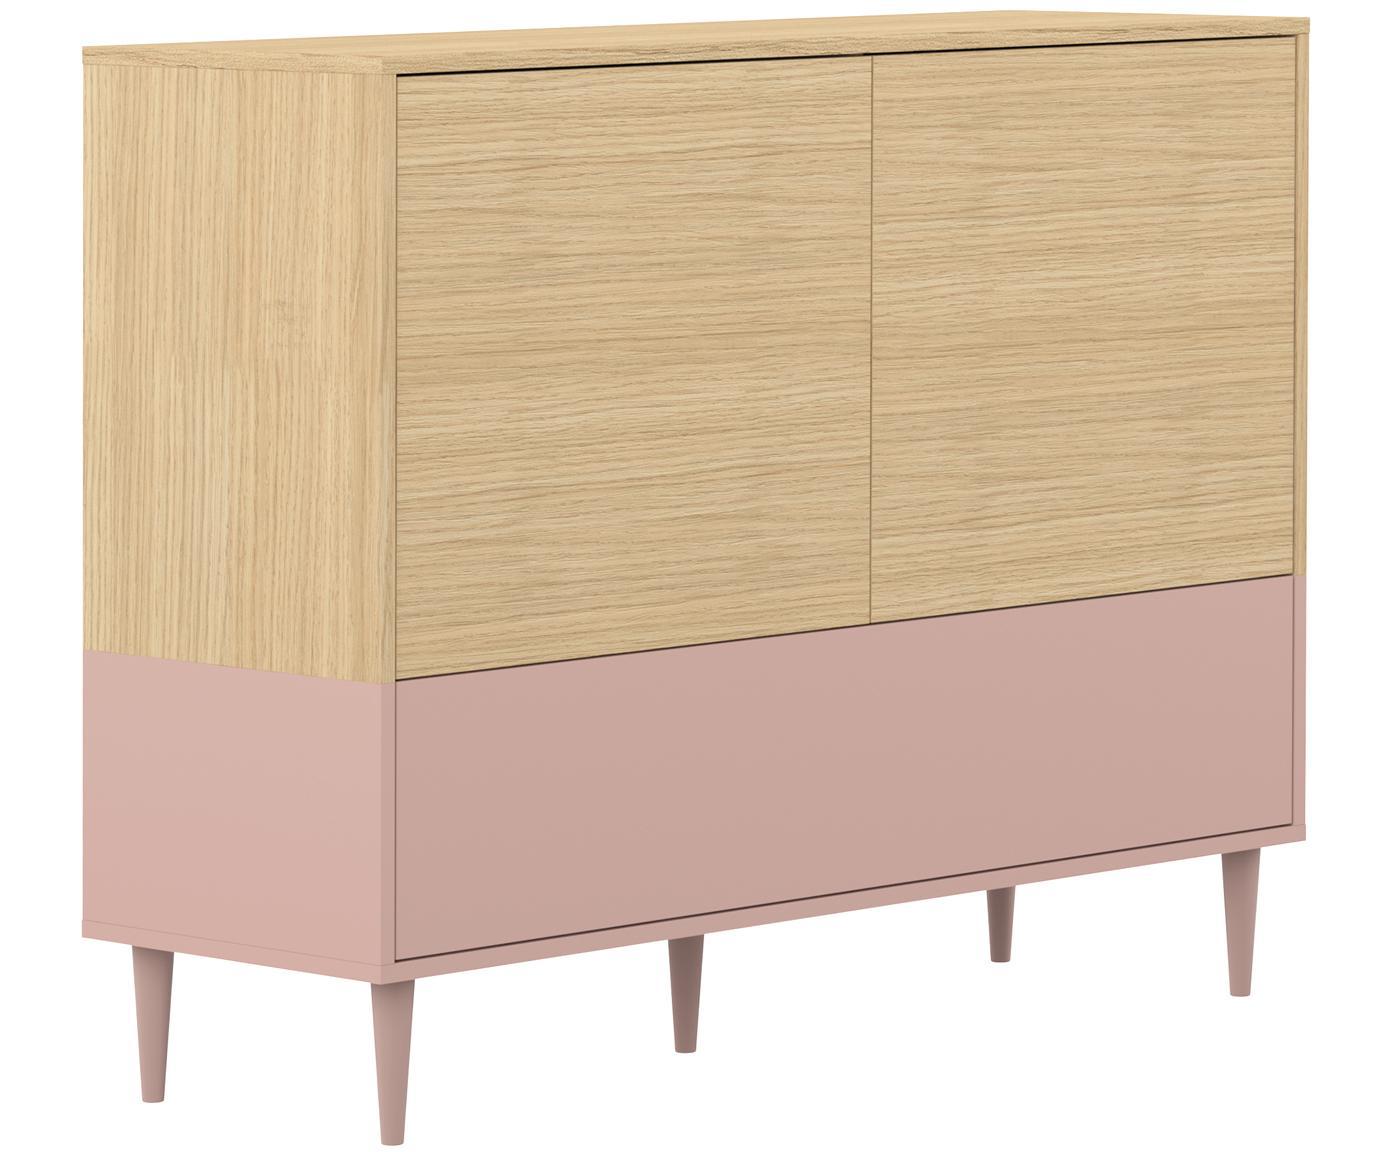 Aparador Horizon, estilo escandinavo, Estructura: aglomerado, recubierto de, Patas: madera de haya maciza, pi, Roble, rosa palo, An 120 x Al 95 cm